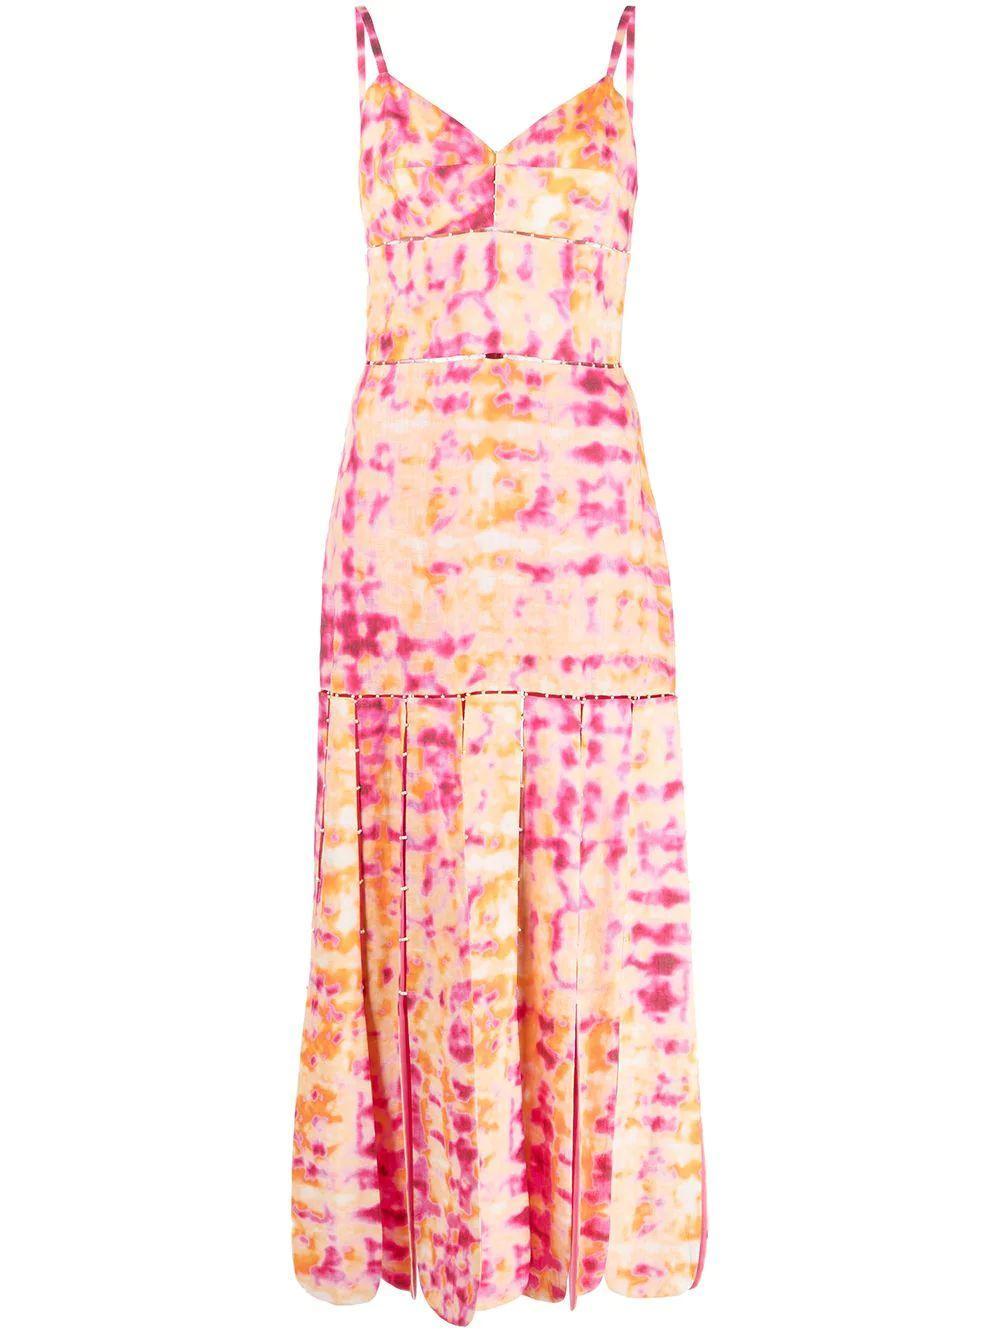 Alessa Midi Dress